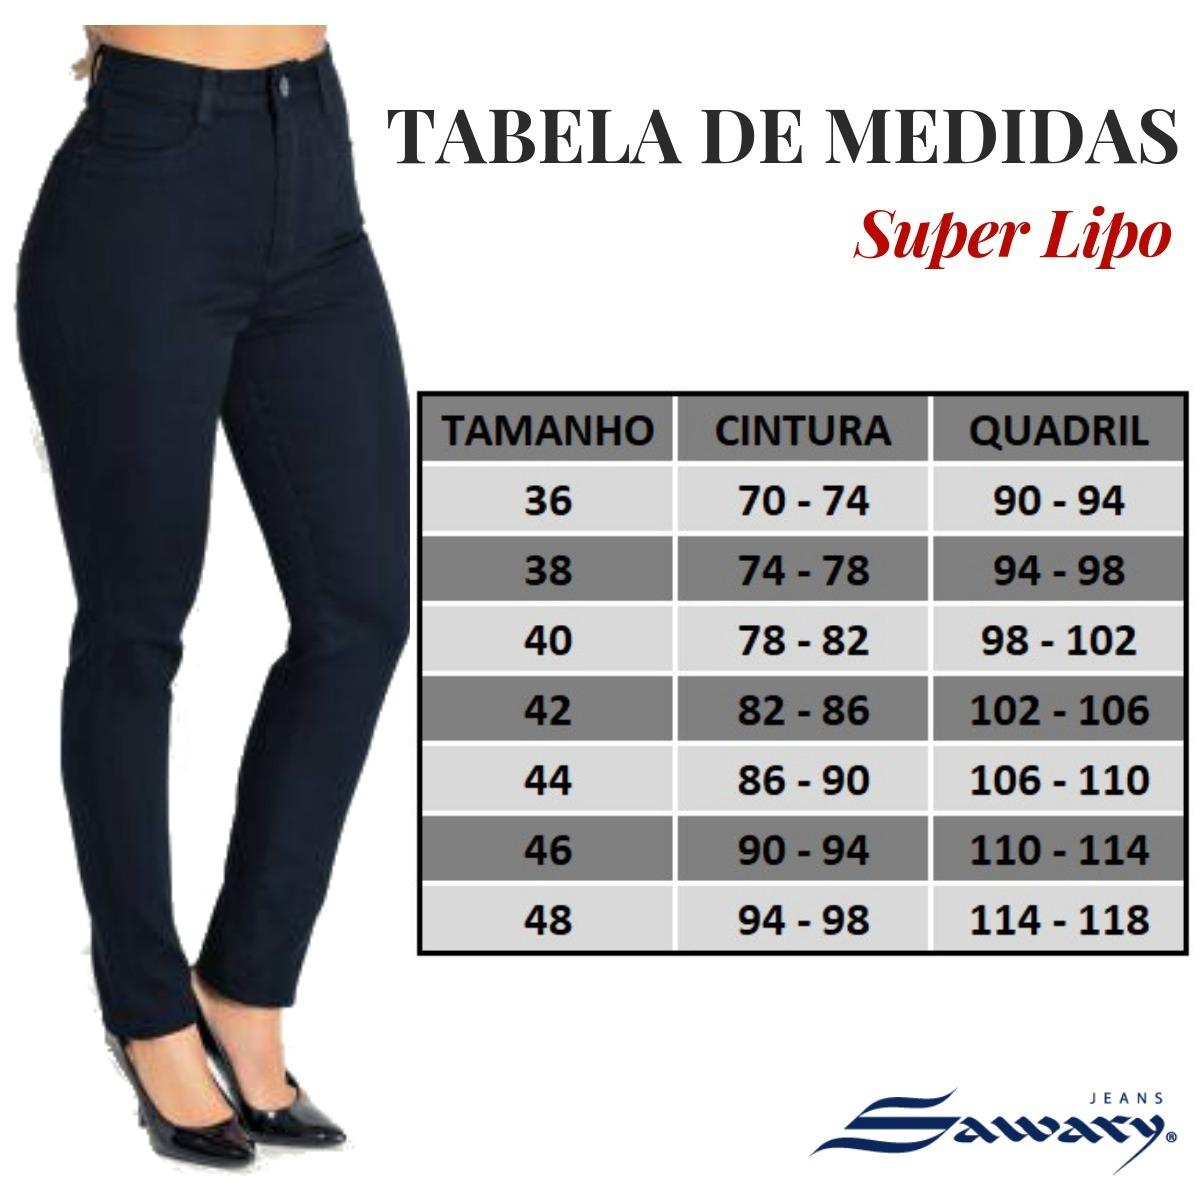 68f009a1ea Calça Jeans Feminina Super Lipo Sawary Cintura Alta - R  119